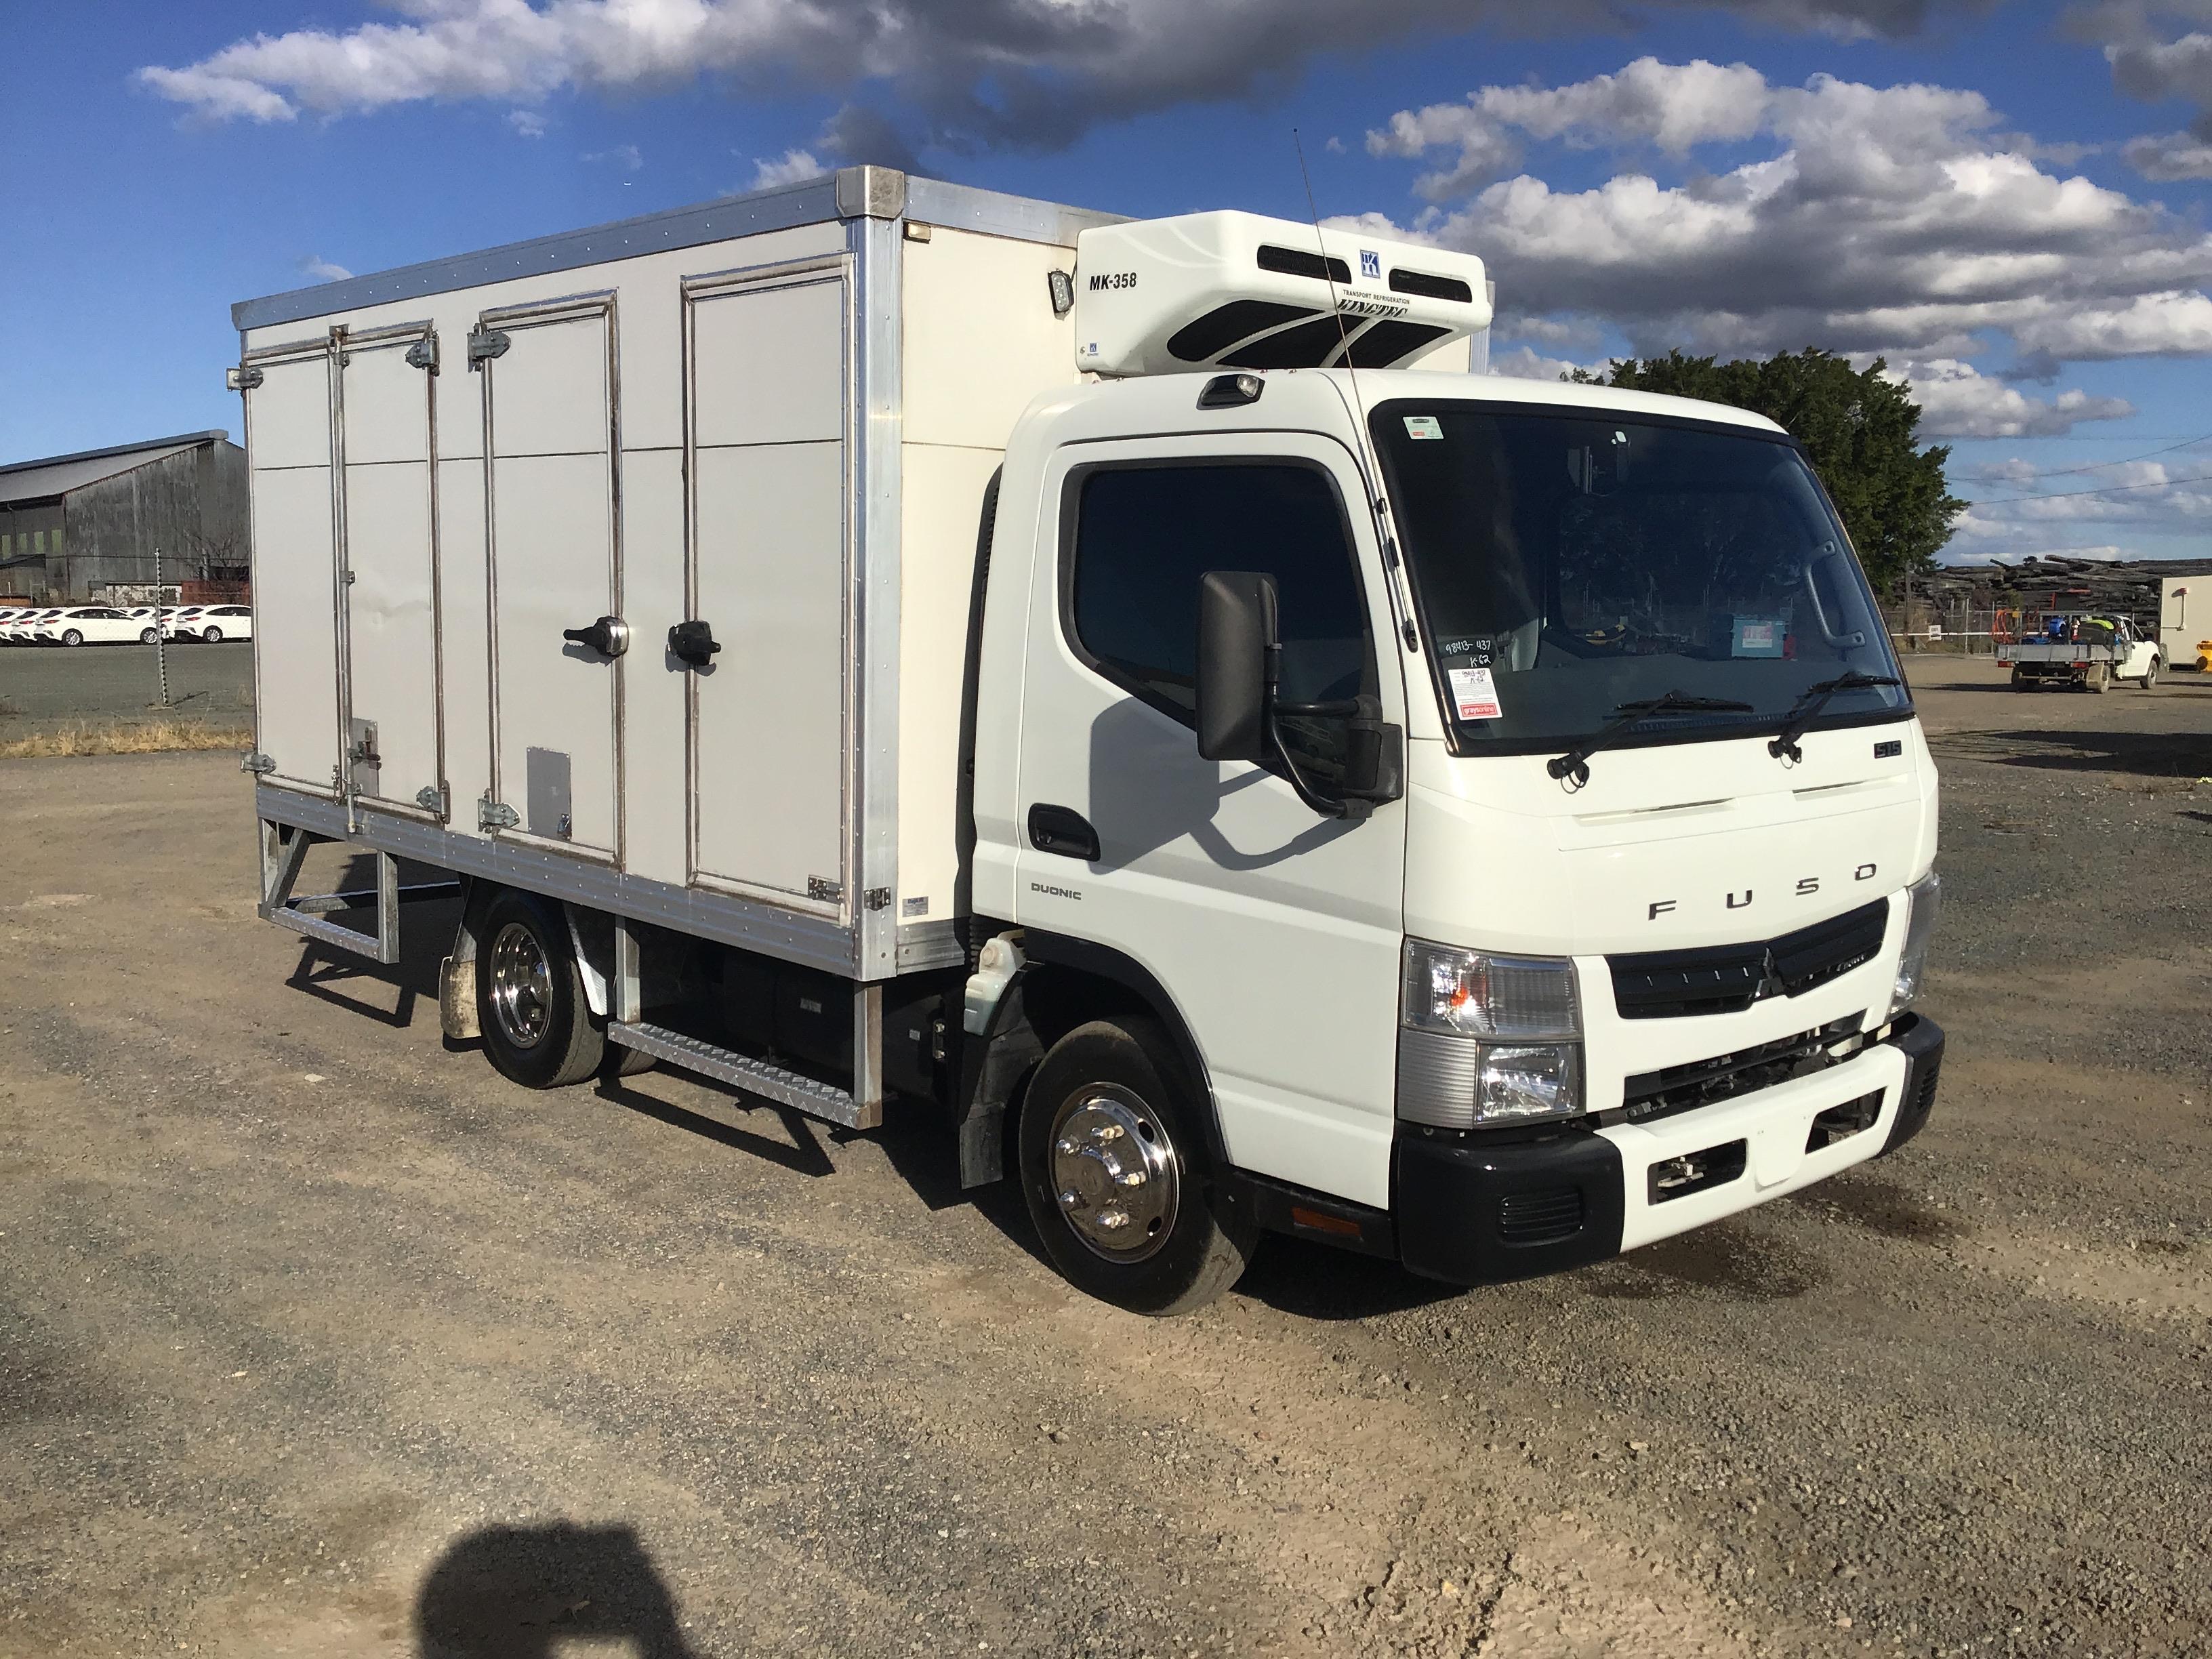 2013 Mitsubishi Fuso Canter 515 Auto Refrigerated Body Truck